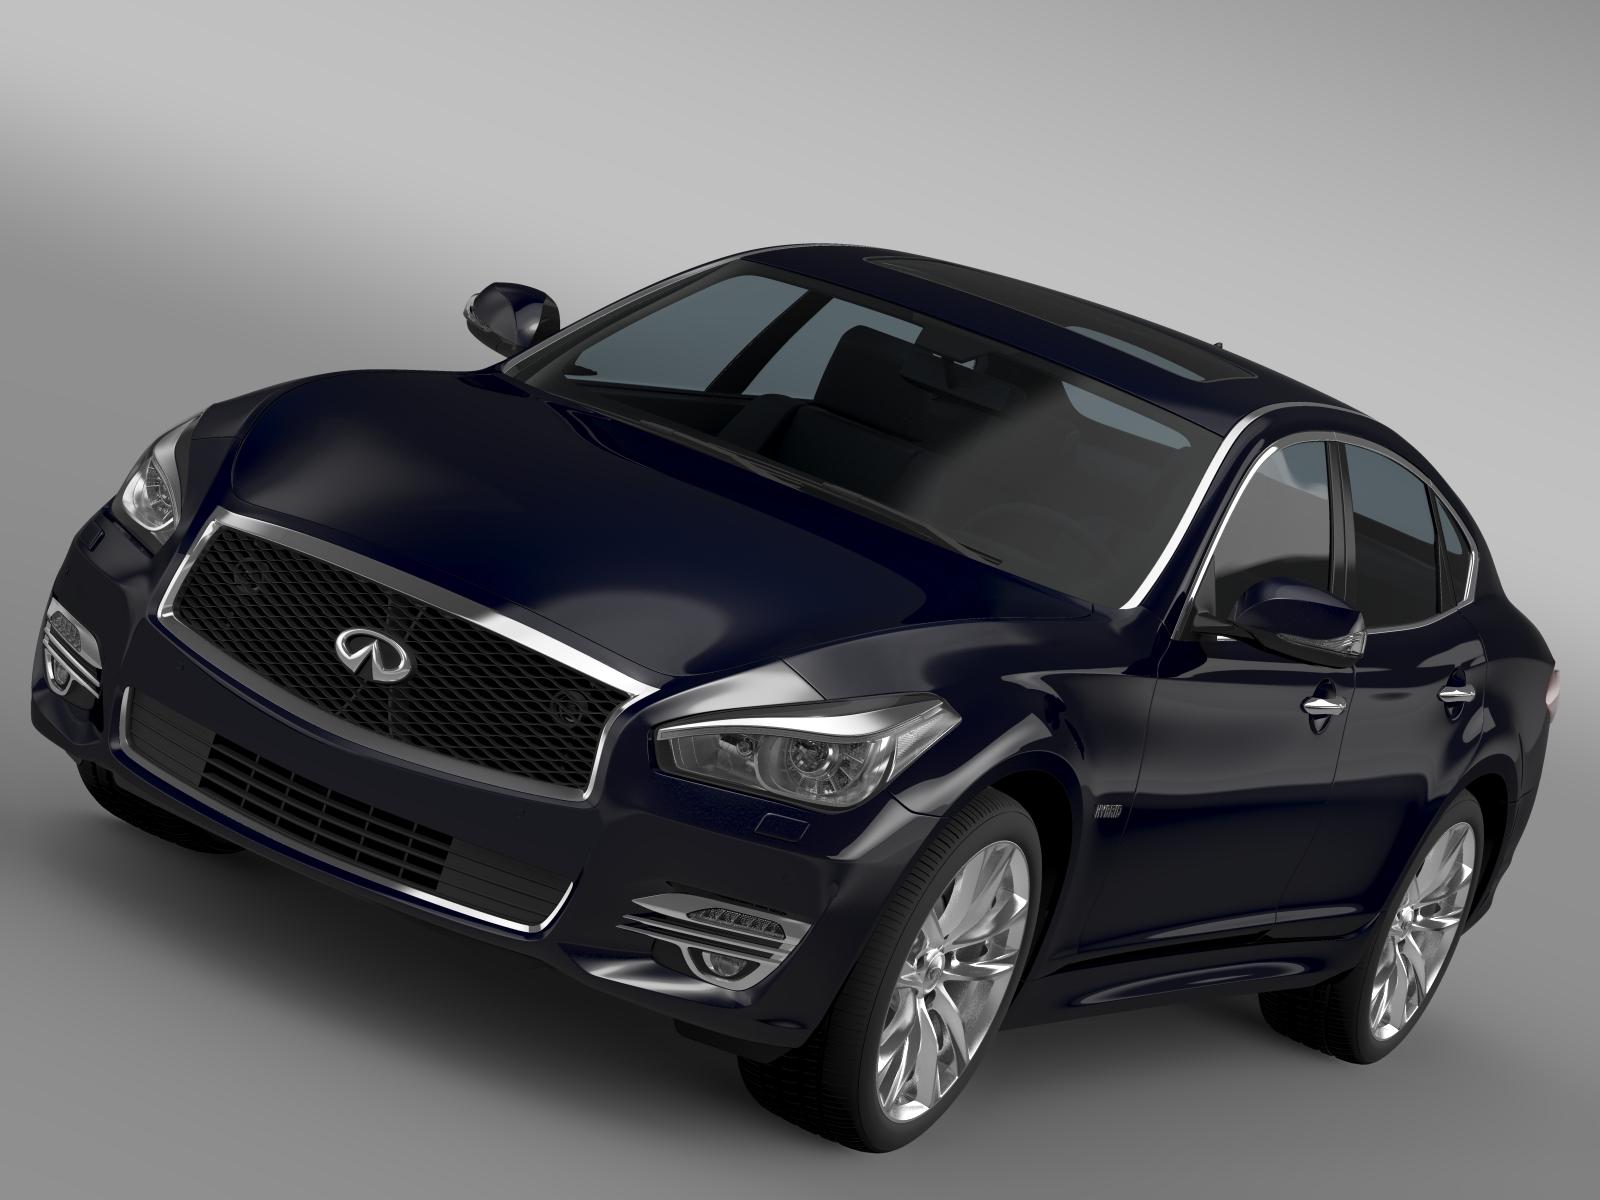 infiniti q70 hybrid (y51) 2015 3d model 3ds max fbx c4d lwo ma mb hrc xsi obj 215804